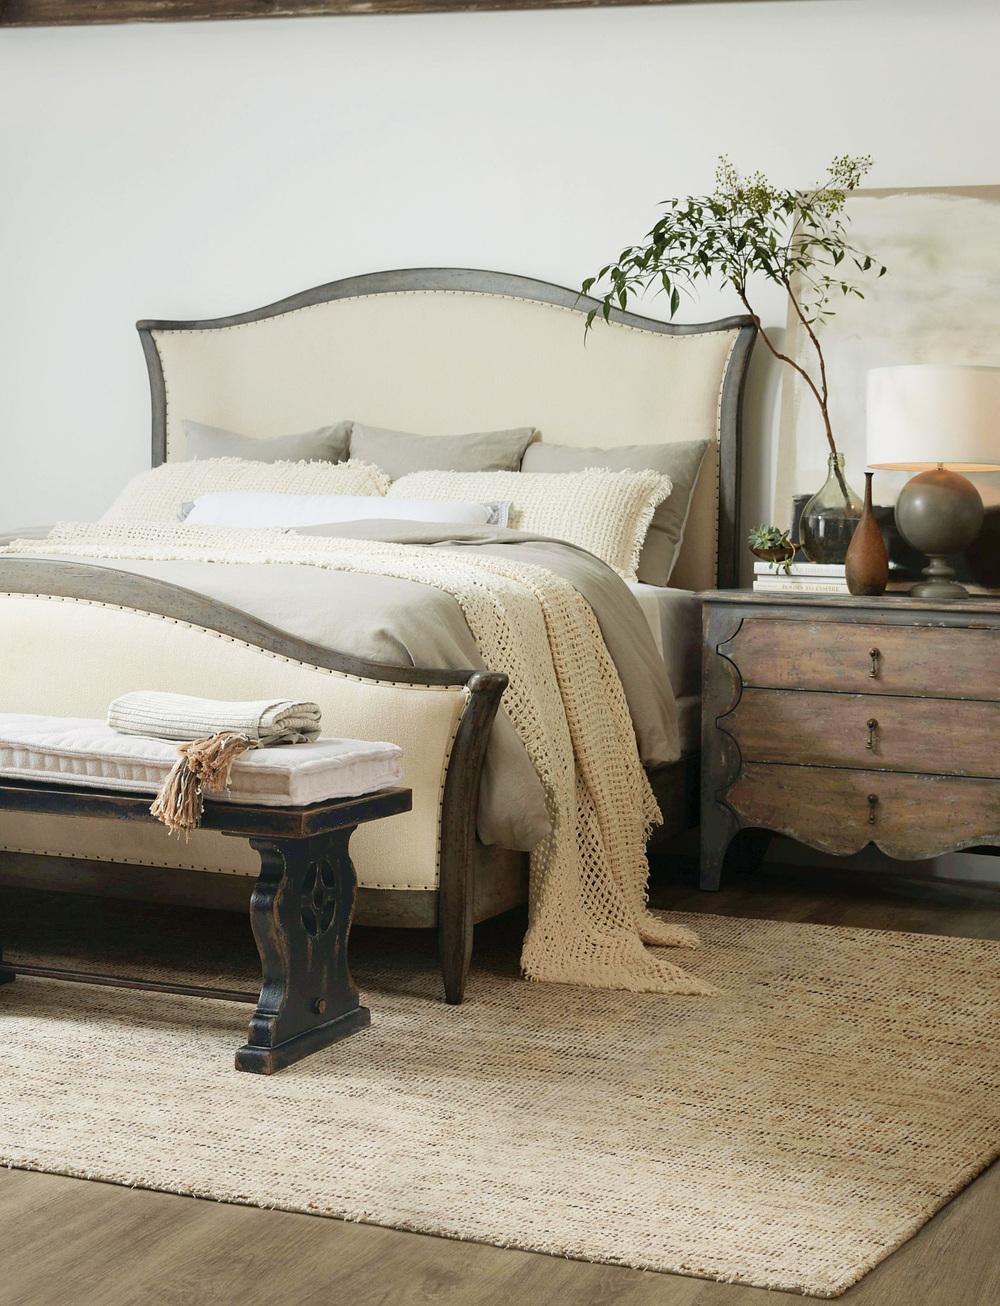 Hooker Furniture - Cal King Upholstered Bed